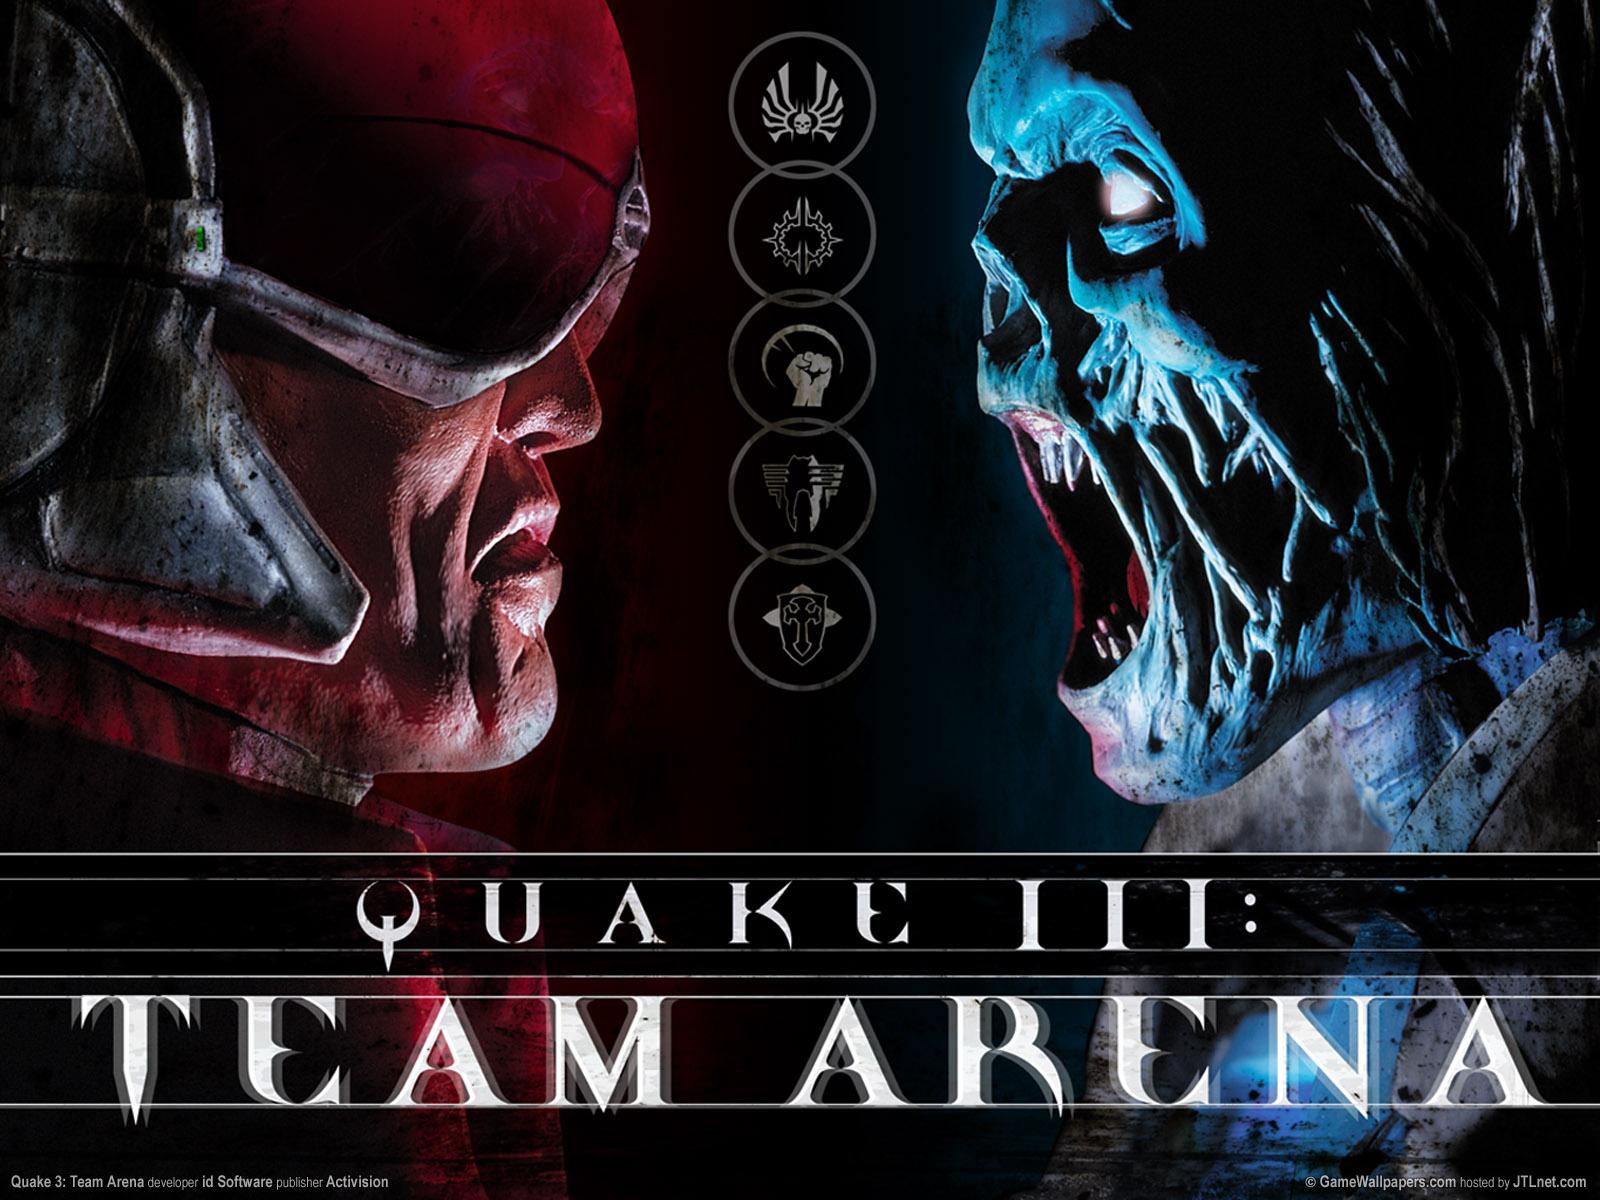 ws_Quake_3-_Team_Arena_1600x1200